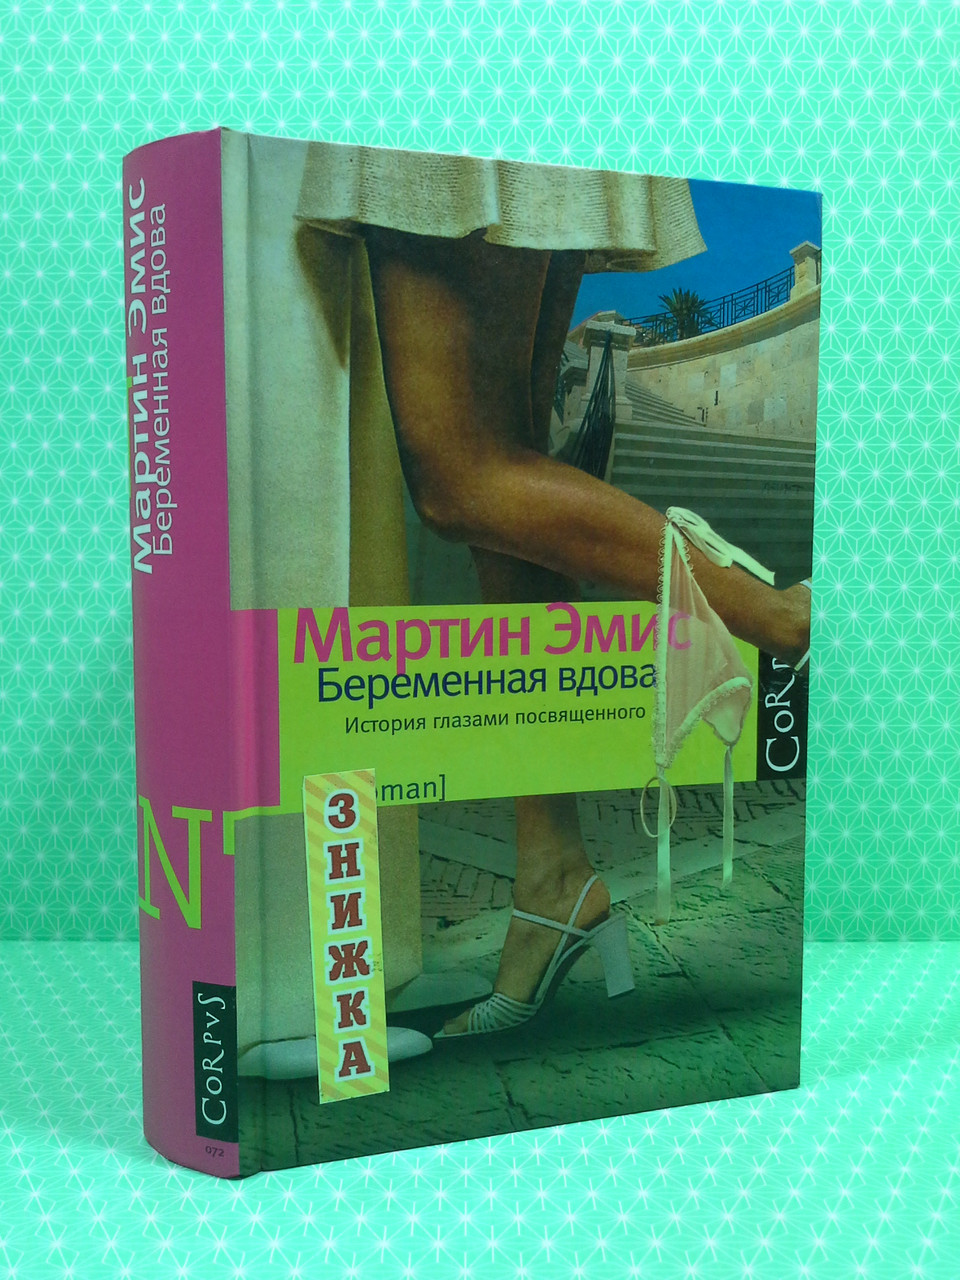 Книга Беременная вдова. Автор Мартин Эмис. Издательство  АСТ